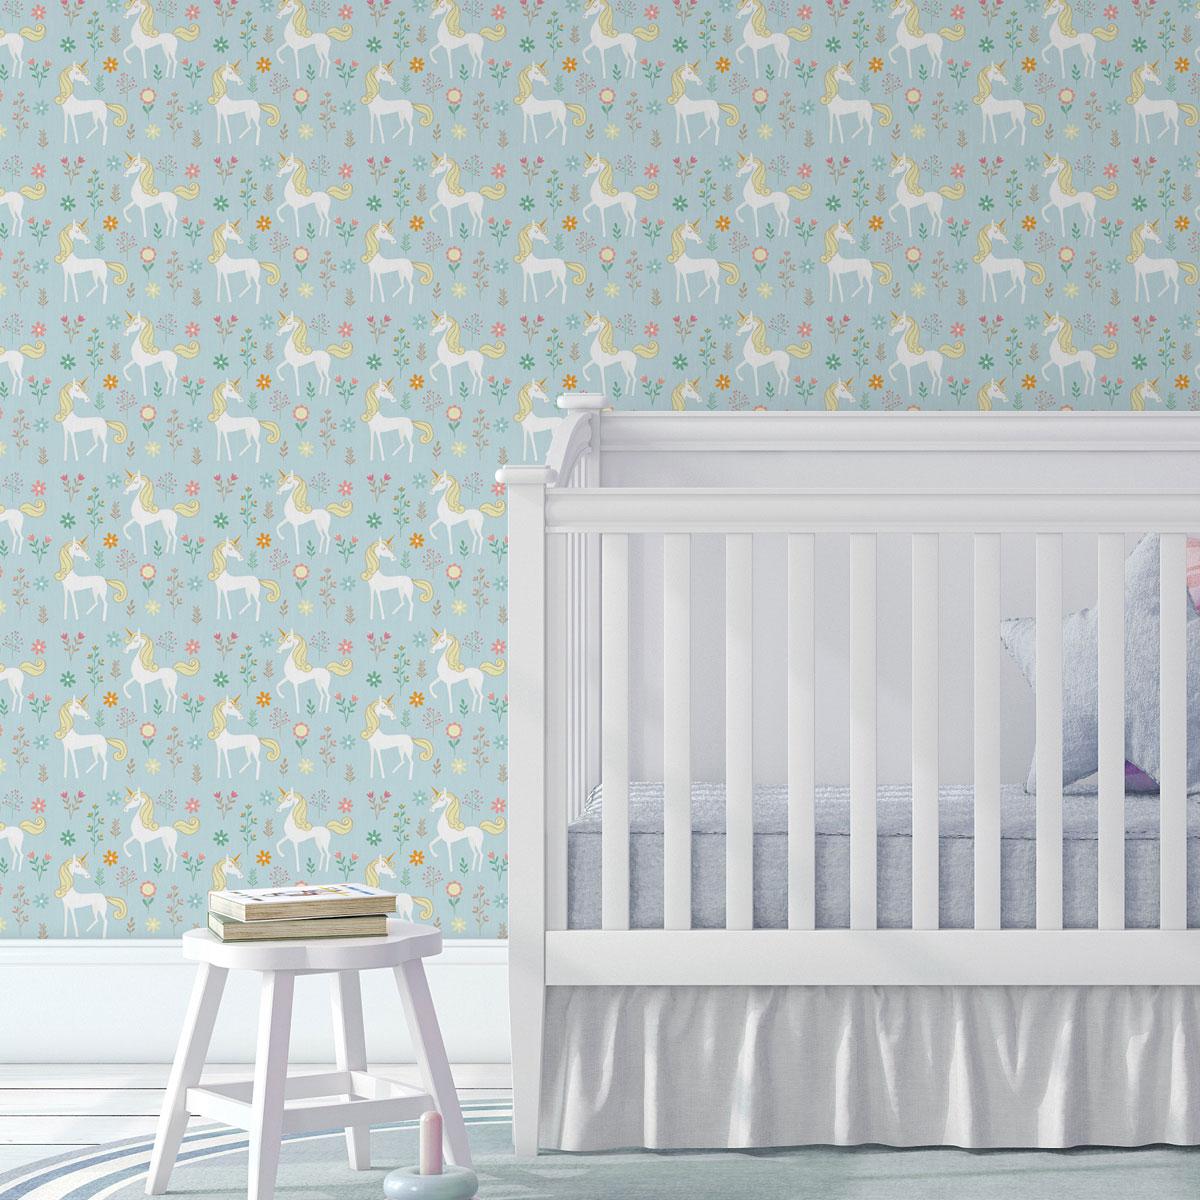 Wandtapete hellblau: Traumhafte Kinder Tapete mit magischem Einhorn auf hellblau angepasst an Little Greene Wandfarben- Vliestapete Tiere